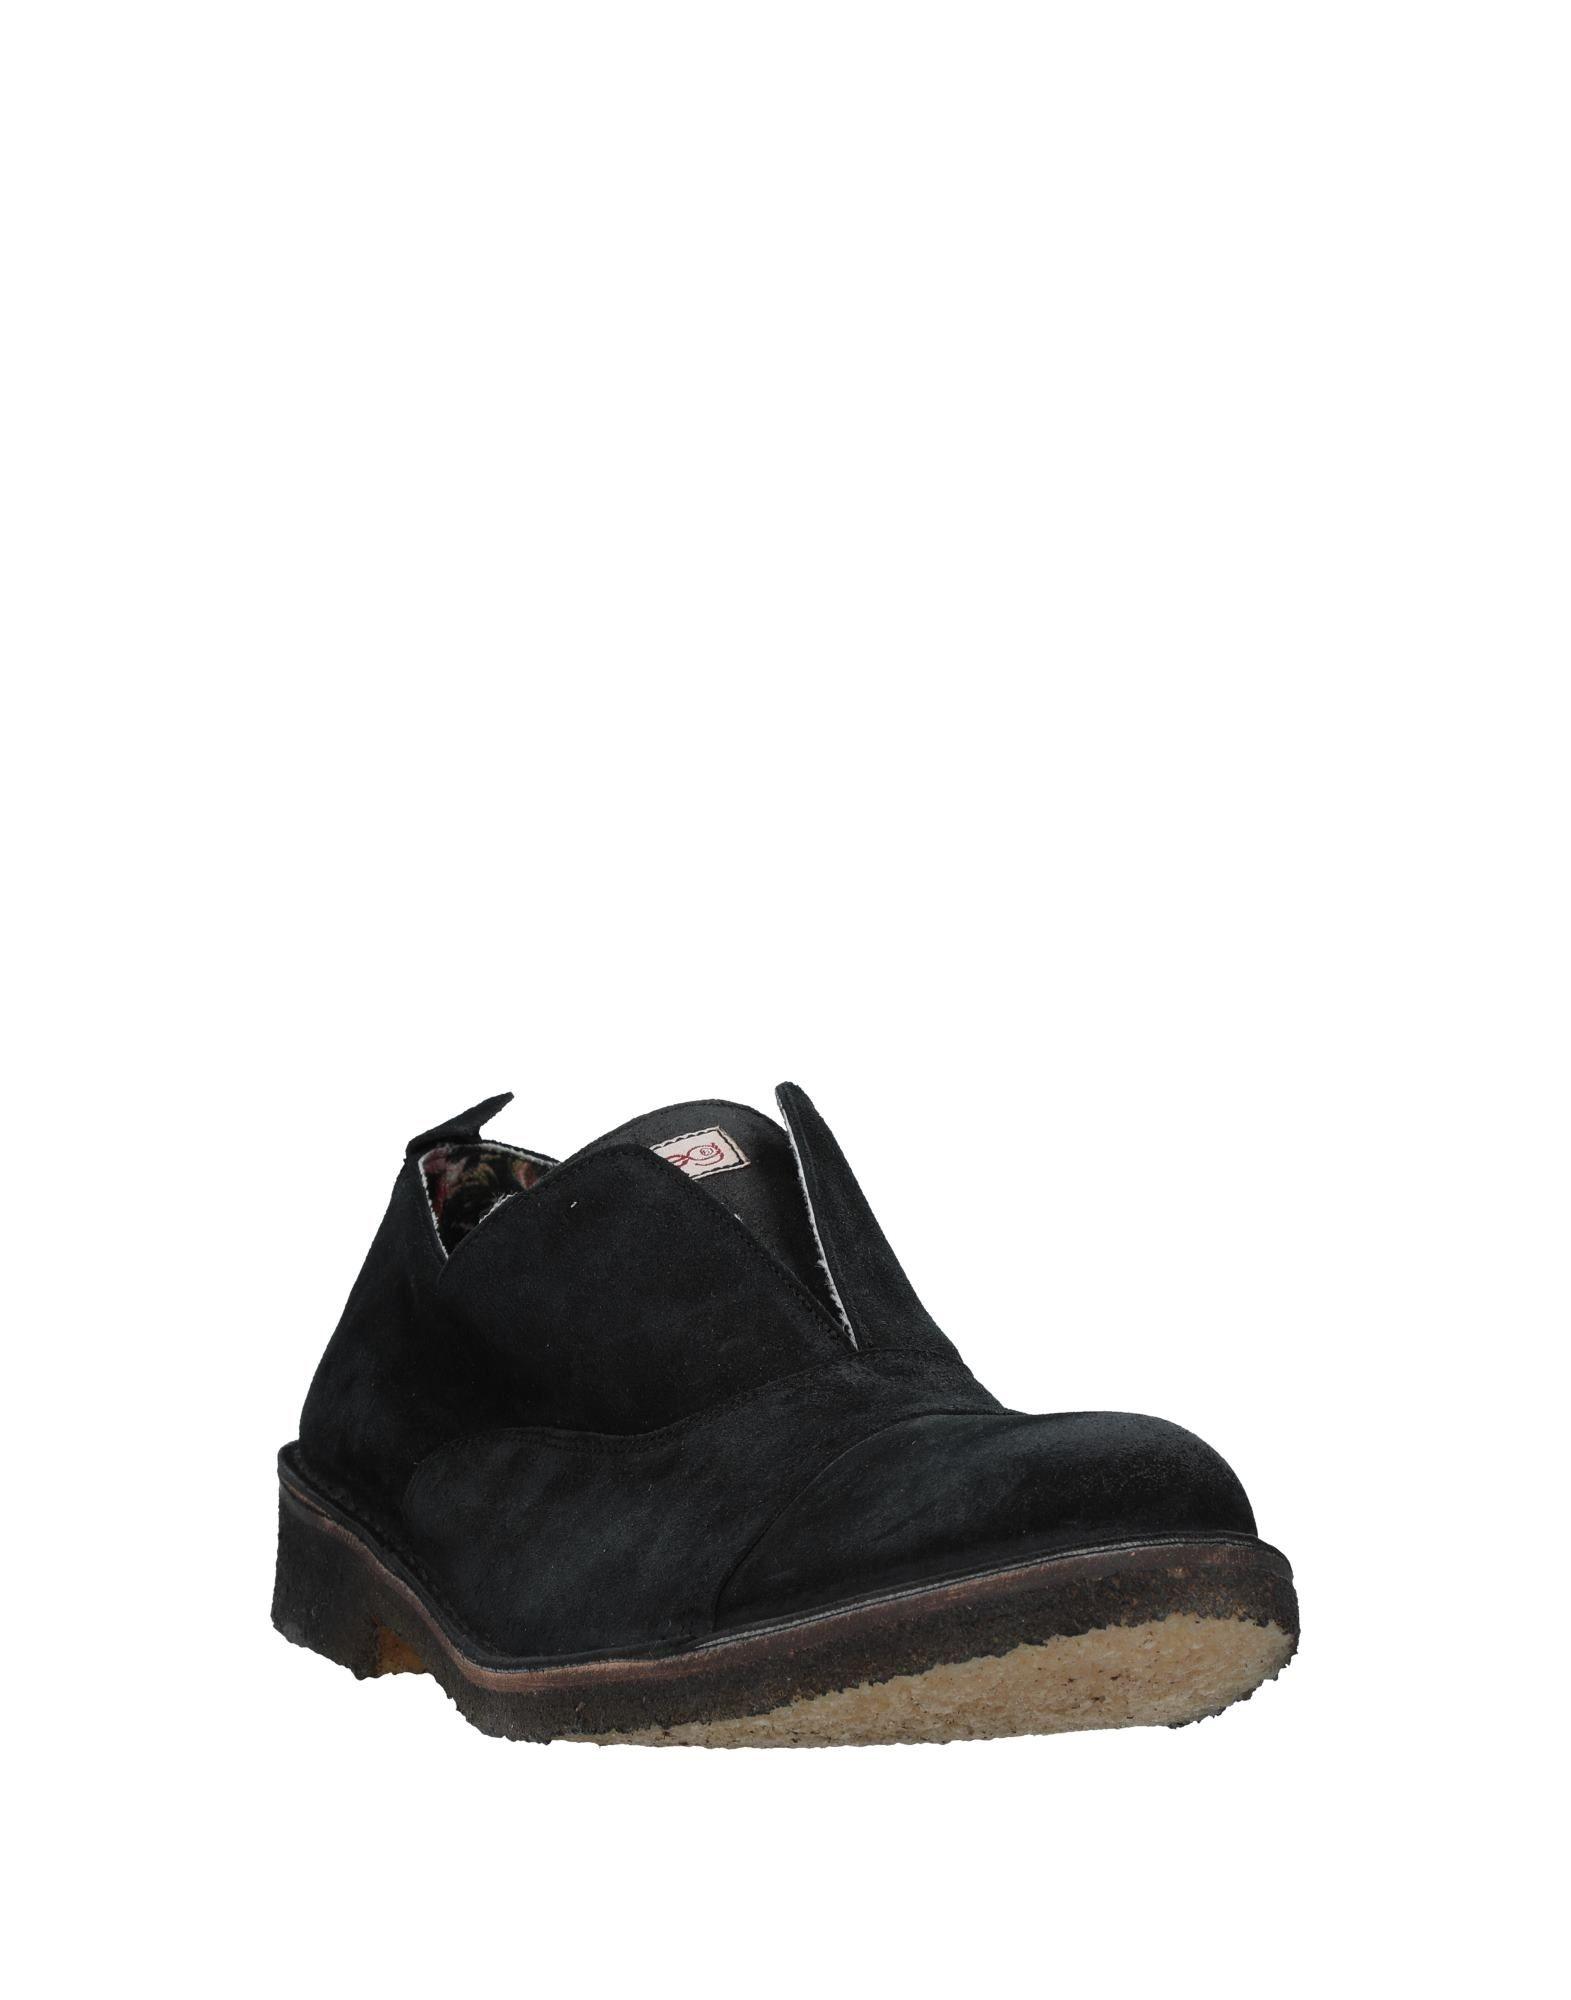 Rabatt echte  Schuhe Weg Mokassins Herren  echte 11537434GC 98f708